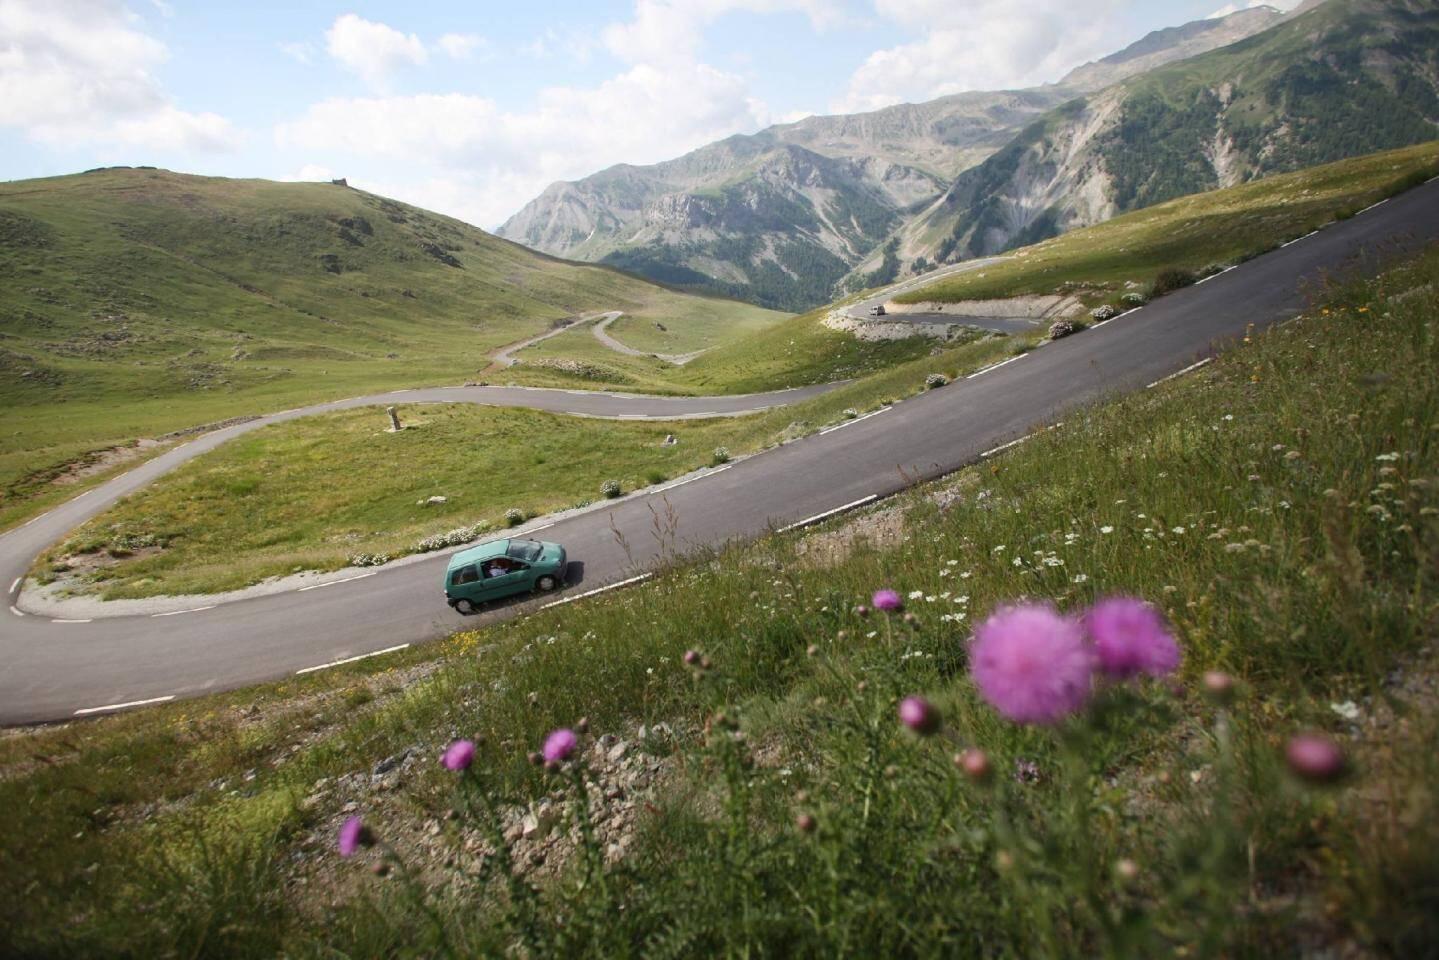 La route de la Bonette, incontournable liaison entre la Méditerranée et les Alpes.